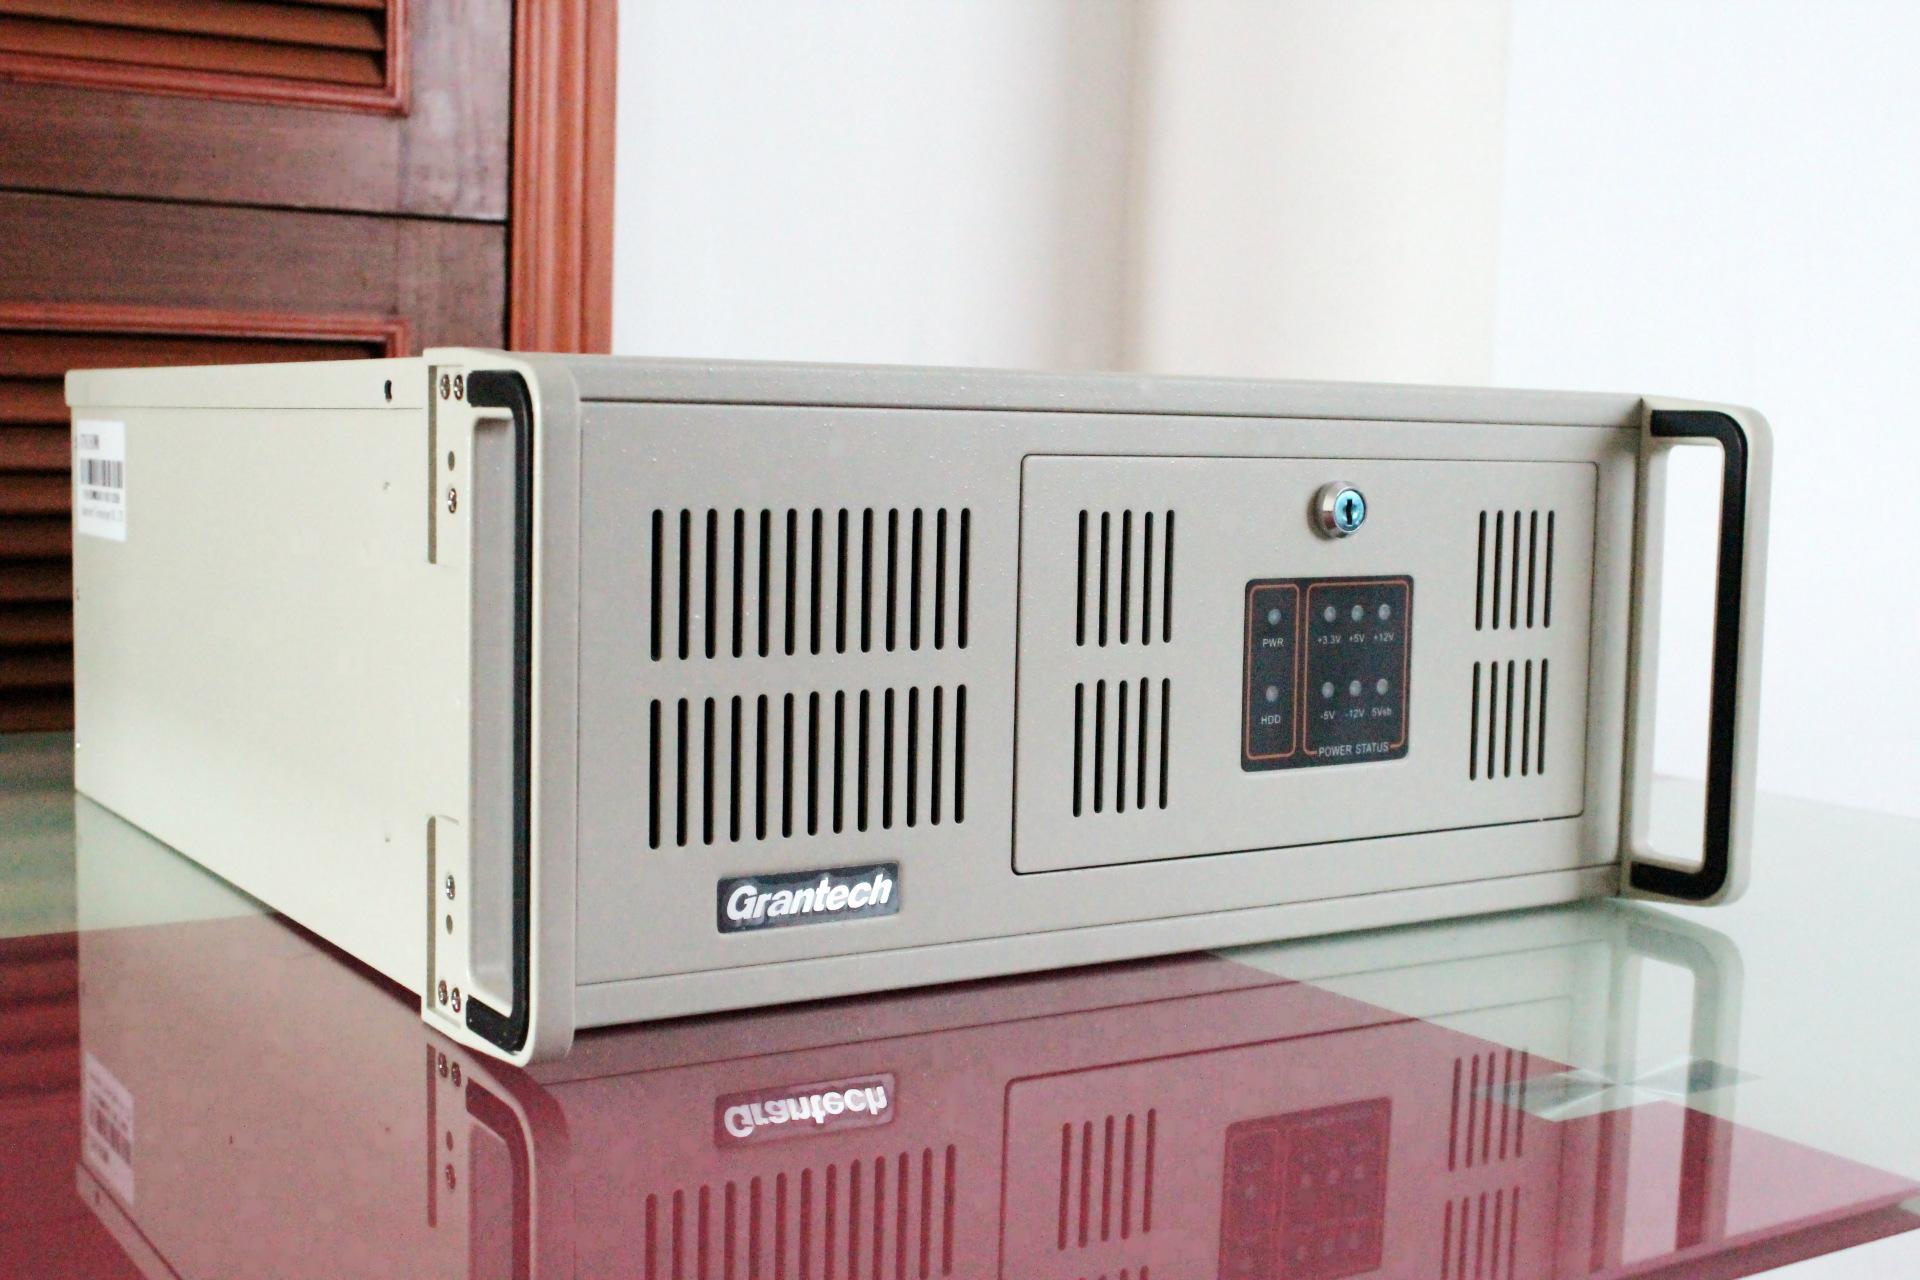 工控机 台湾艾讯宏达GT6150WM-CY-H81/i3-4160/4G/1T/2网口/2串口